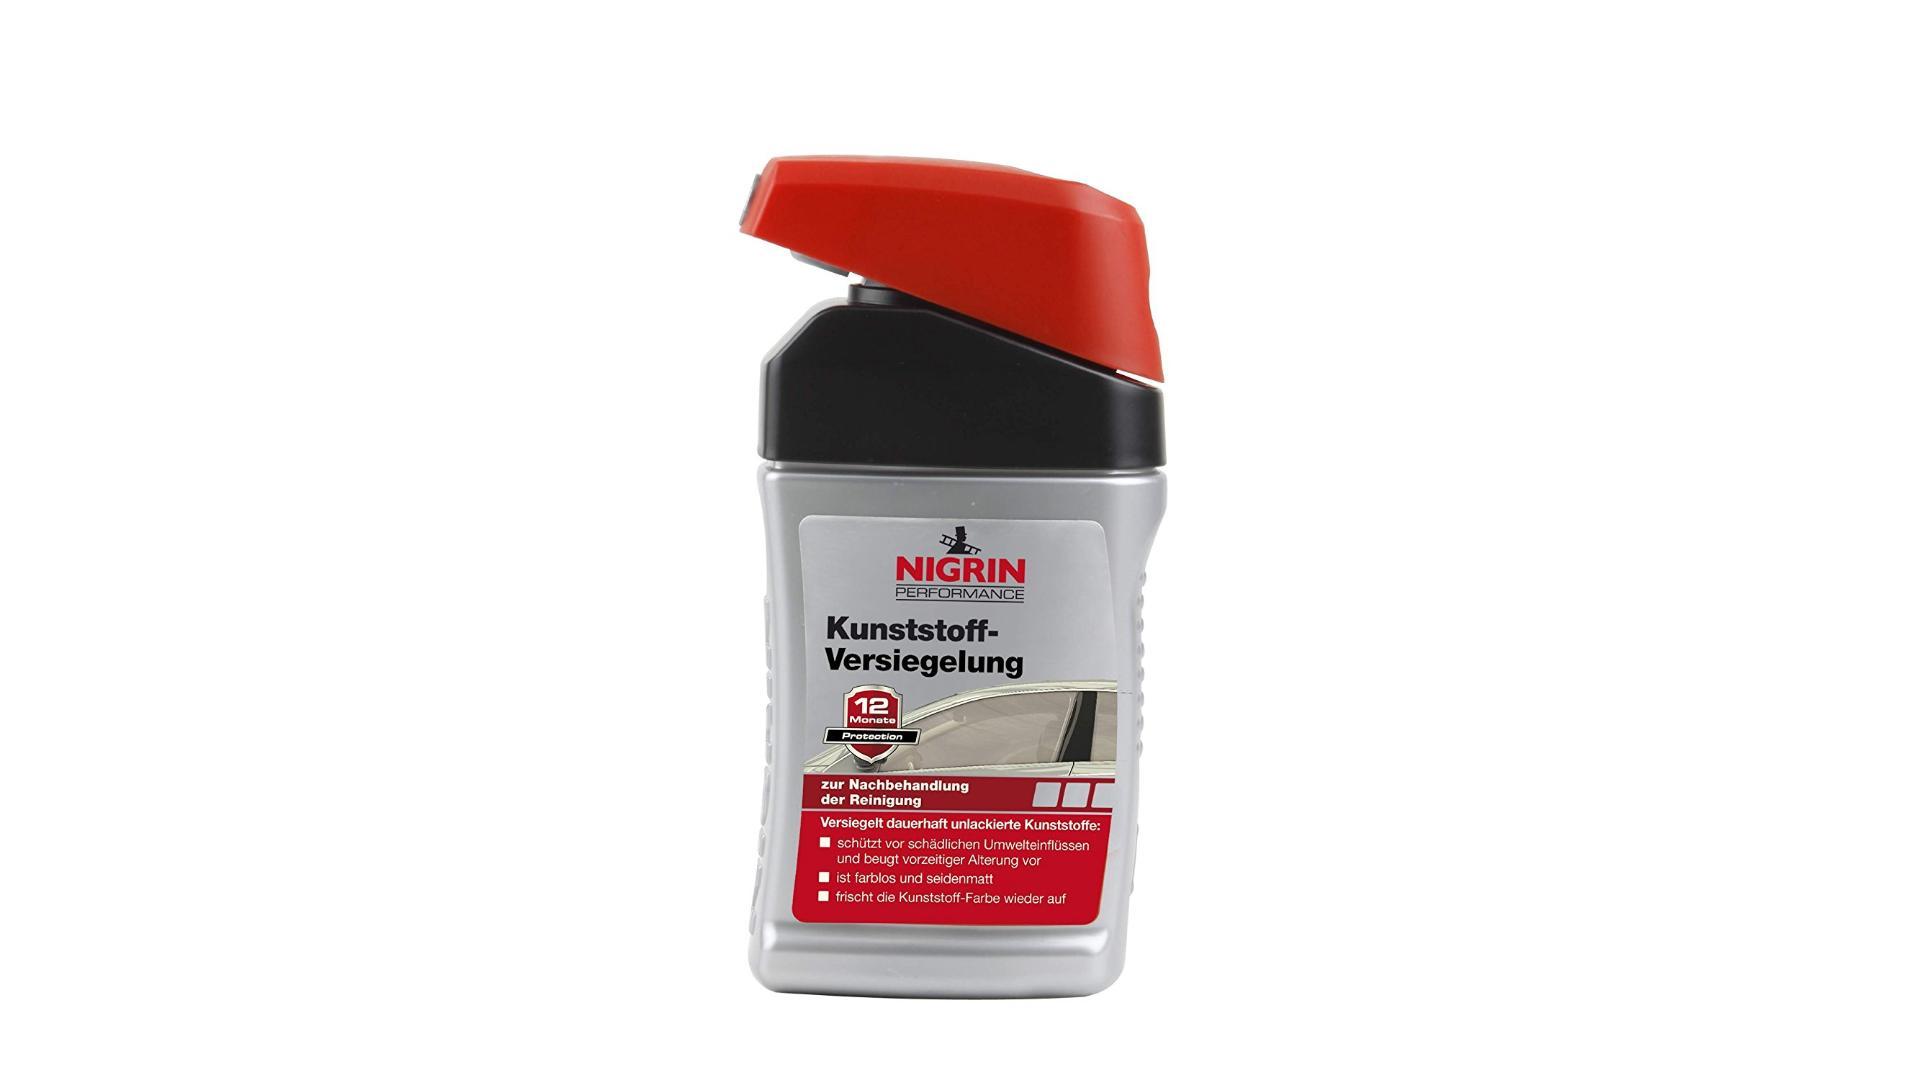 Nigrin Přípravek na ochranu (konzervování) plastů 300ml